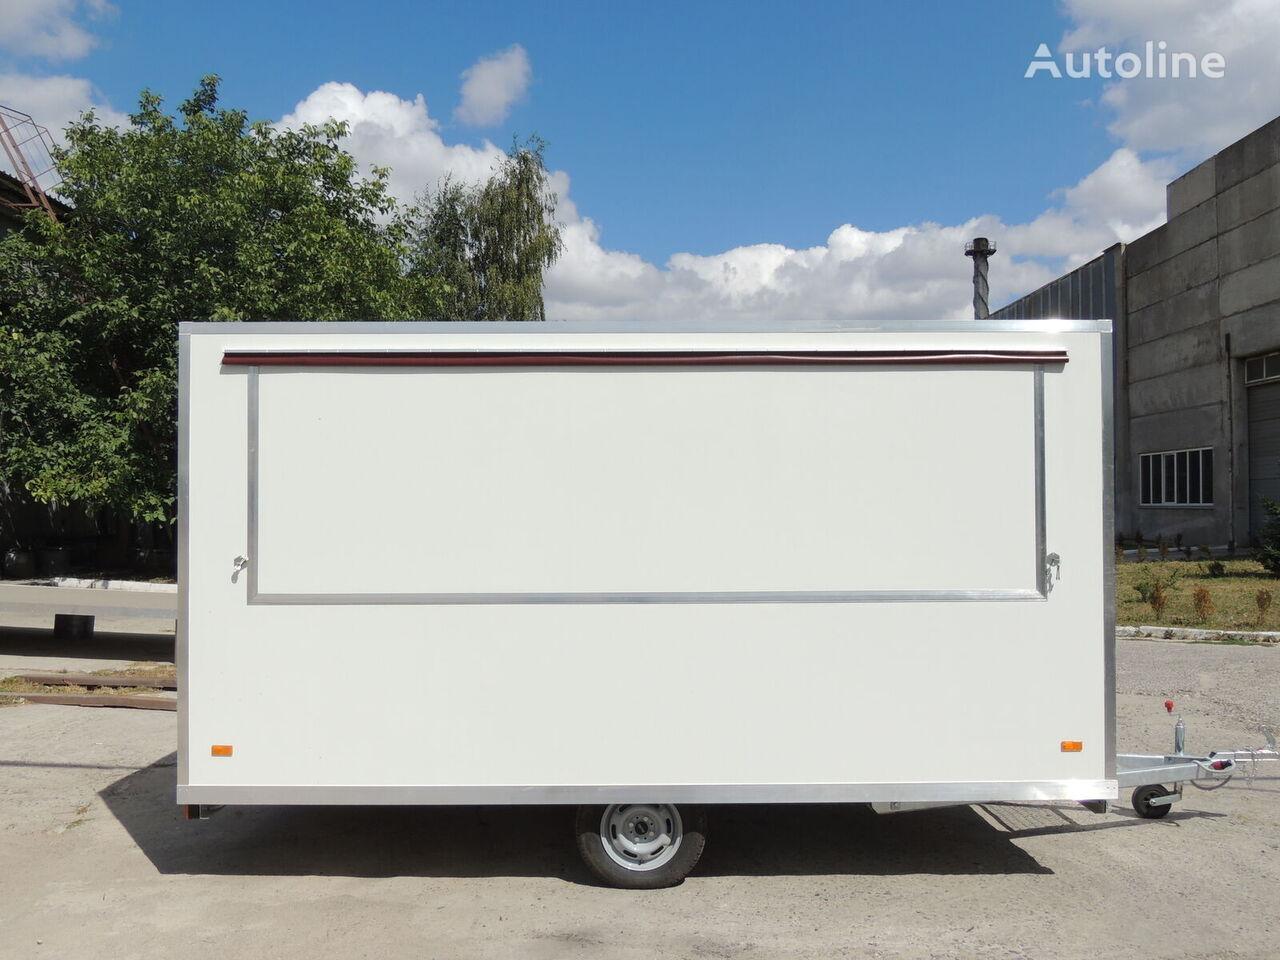 new BANNERT 4,00m imbiss vending trailer